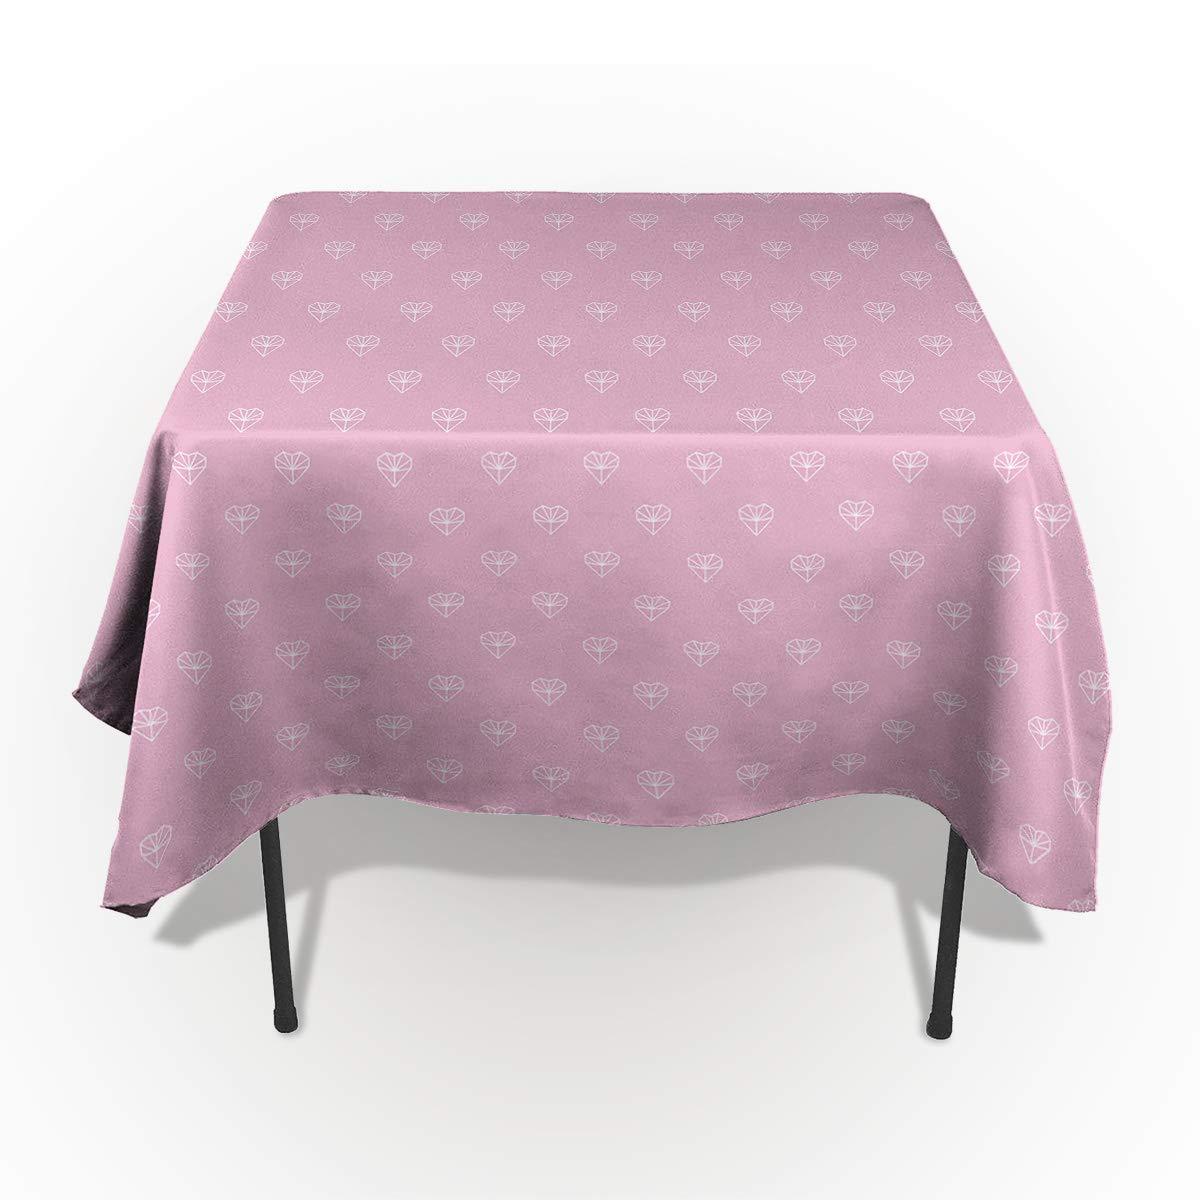 バレンタインデー ロマンチック ラブ 長方形 テーブルクロス コットンリネン 洗濯可能 長方形 テーブルクロス カバー ホーム キッチン デートディナー テーブルトップ 装飾 53x70in CXL190110-SLXM04225ZBABITH 53x70in カラー-7 B07MQDN999